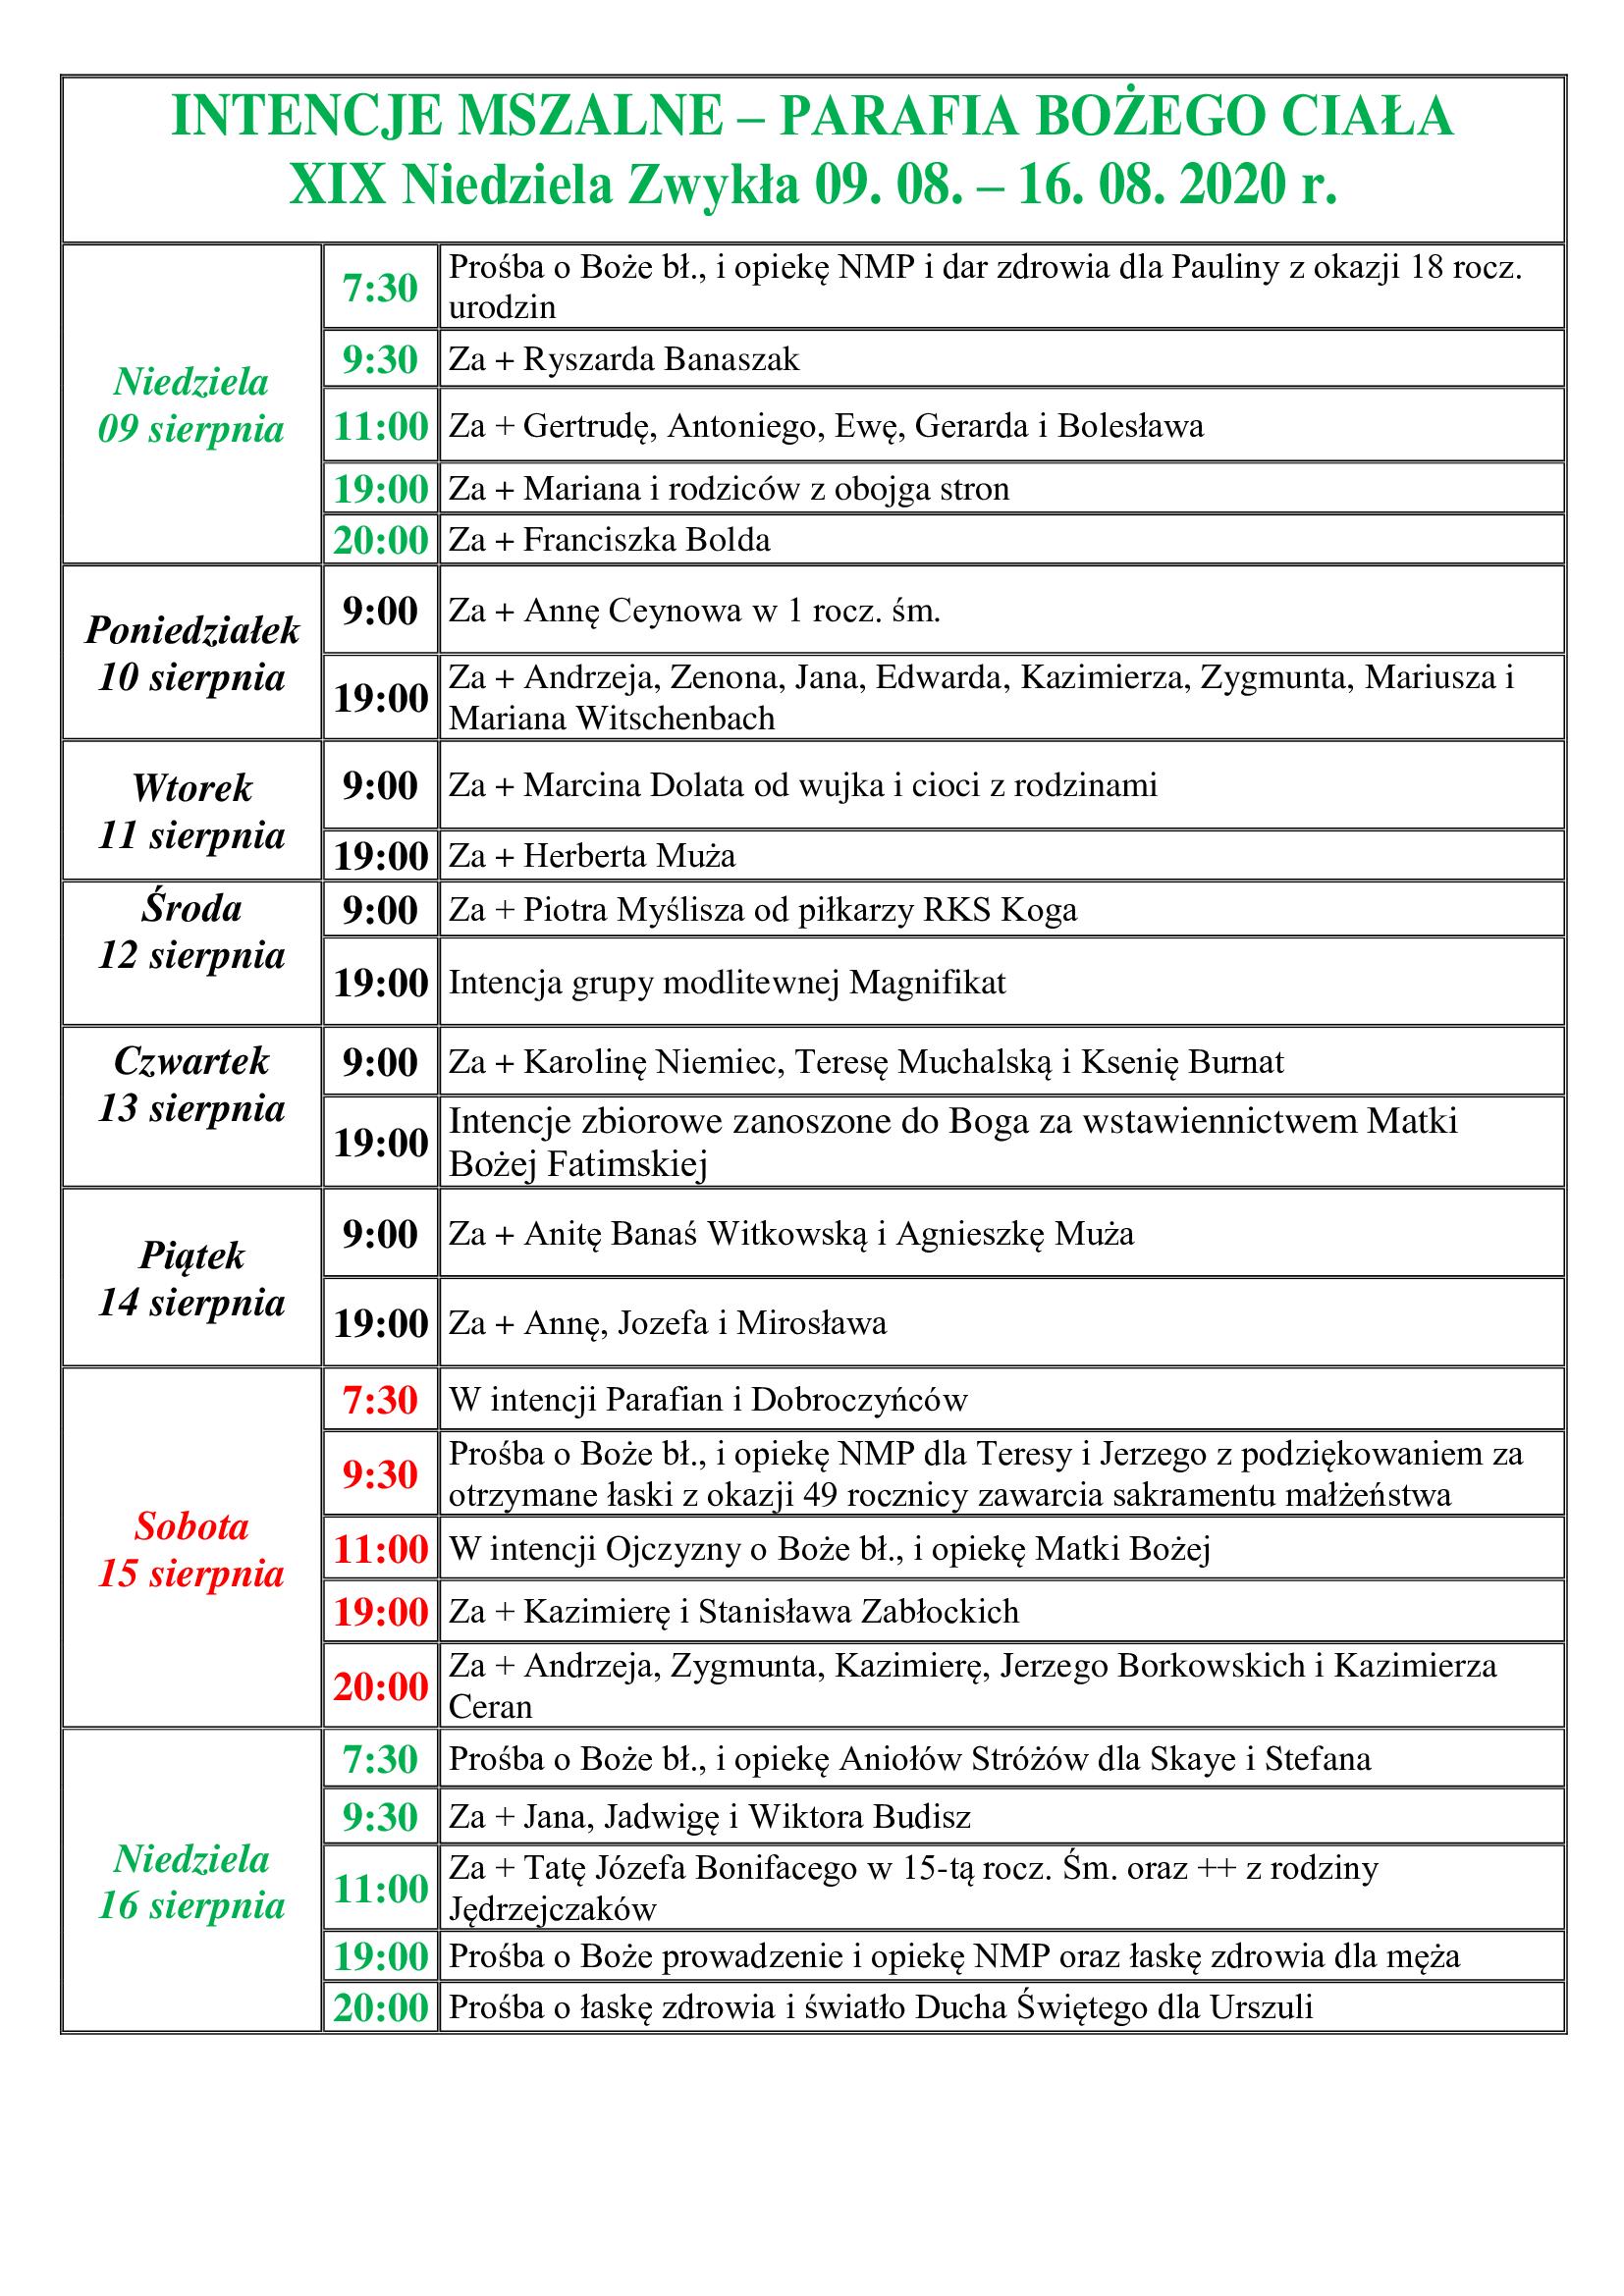 intencje-mszalne-9-sierpnia-2020